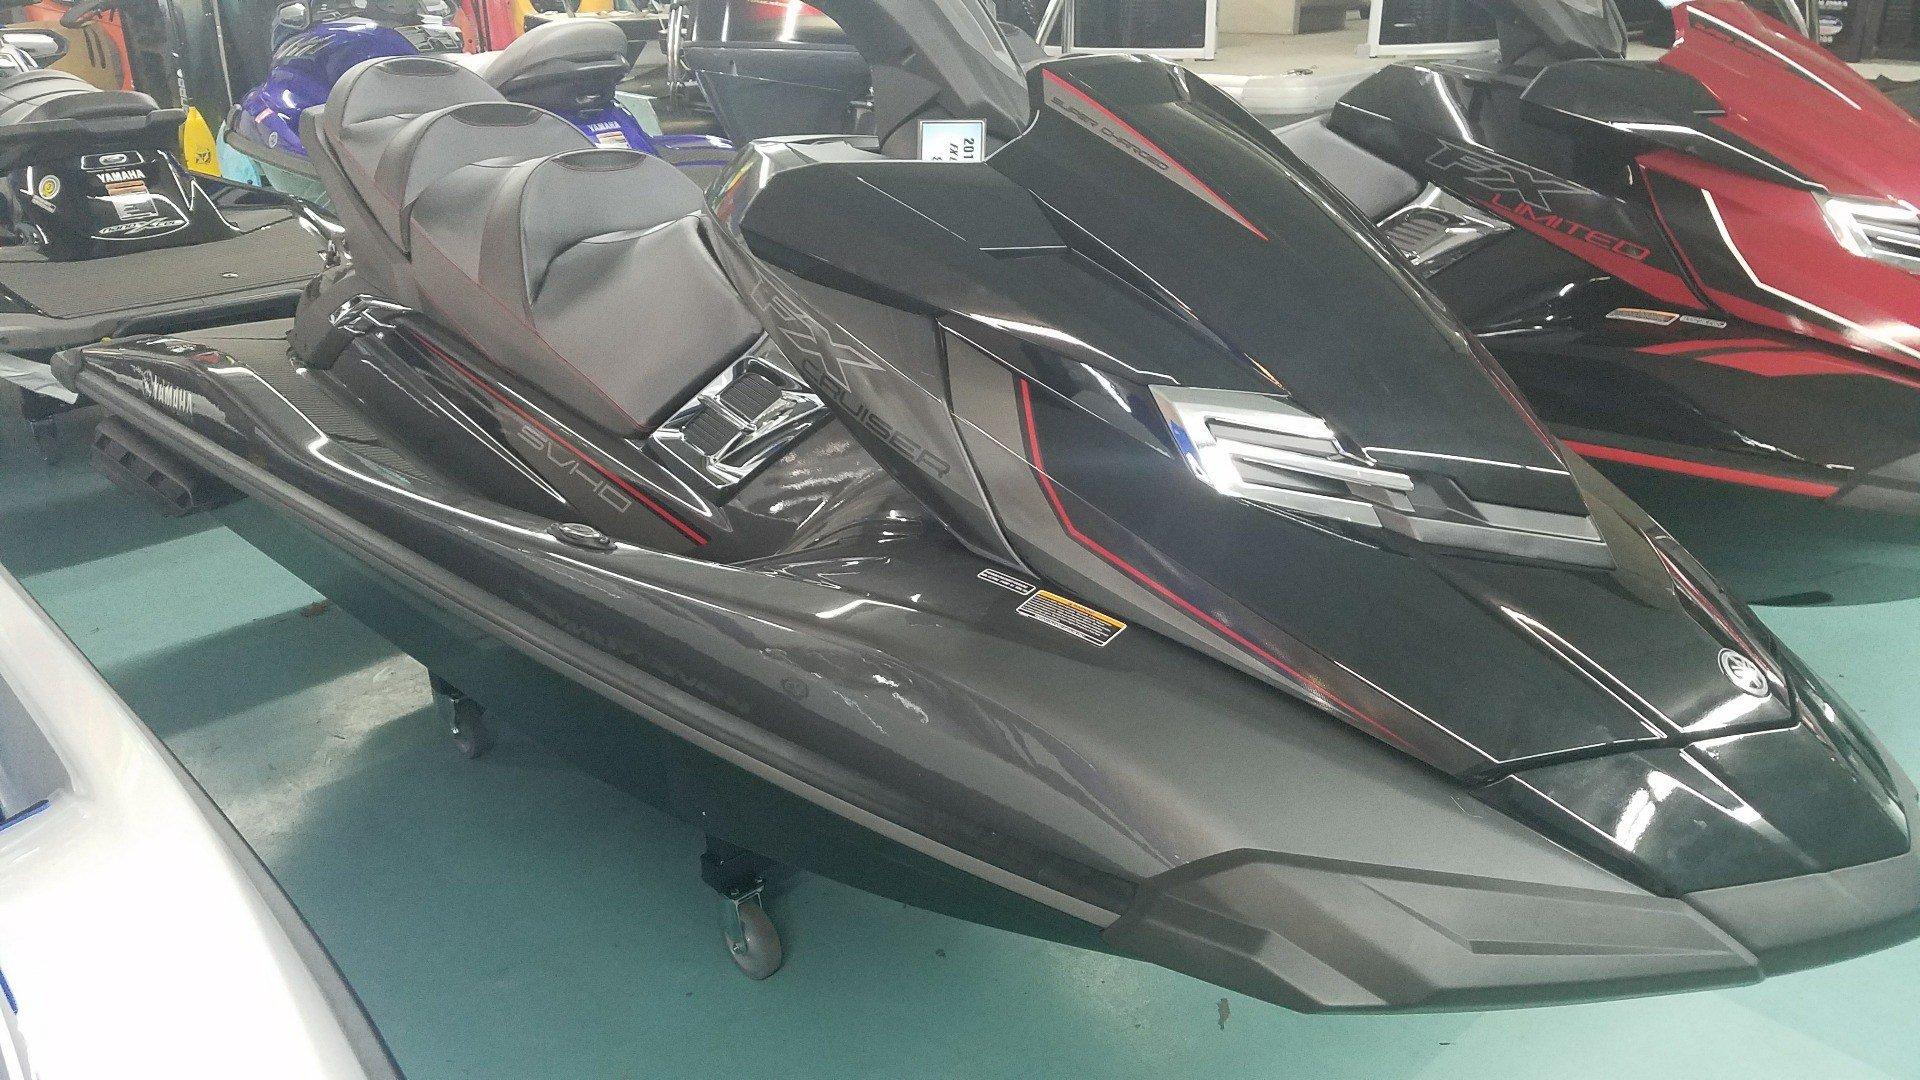 2018 Yamaha FX Cruiser SVHO for sale 97230